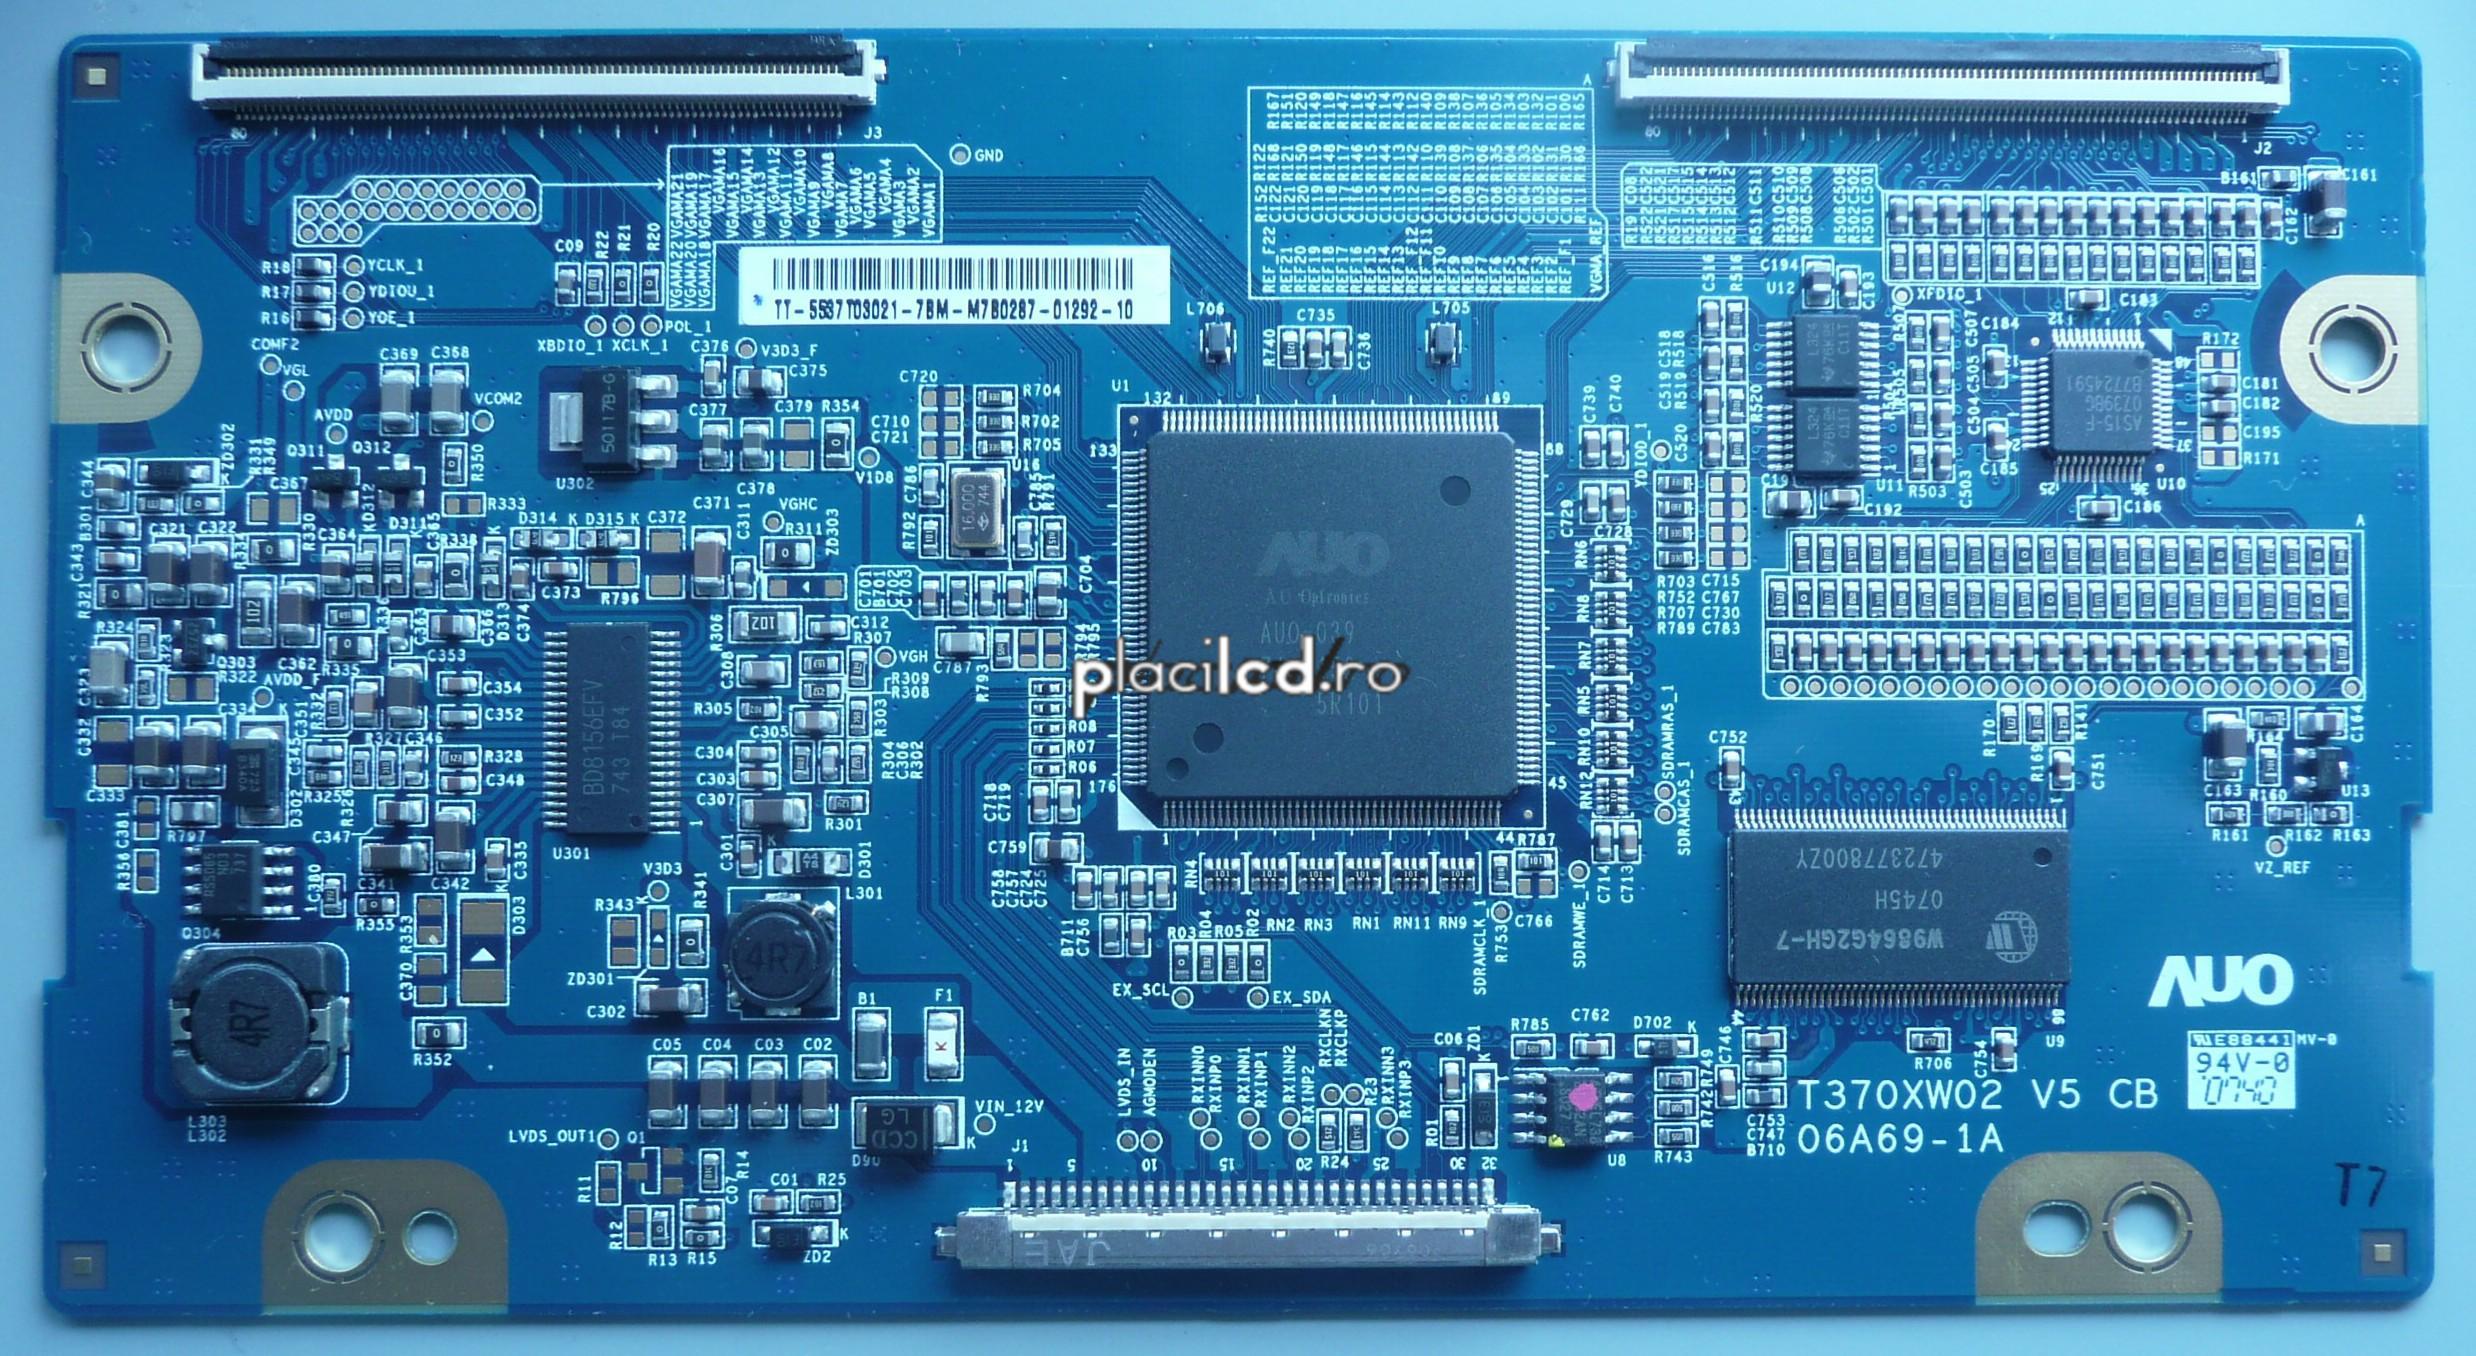 Placa LVDS T370XW02 V5 (06A69-1A)